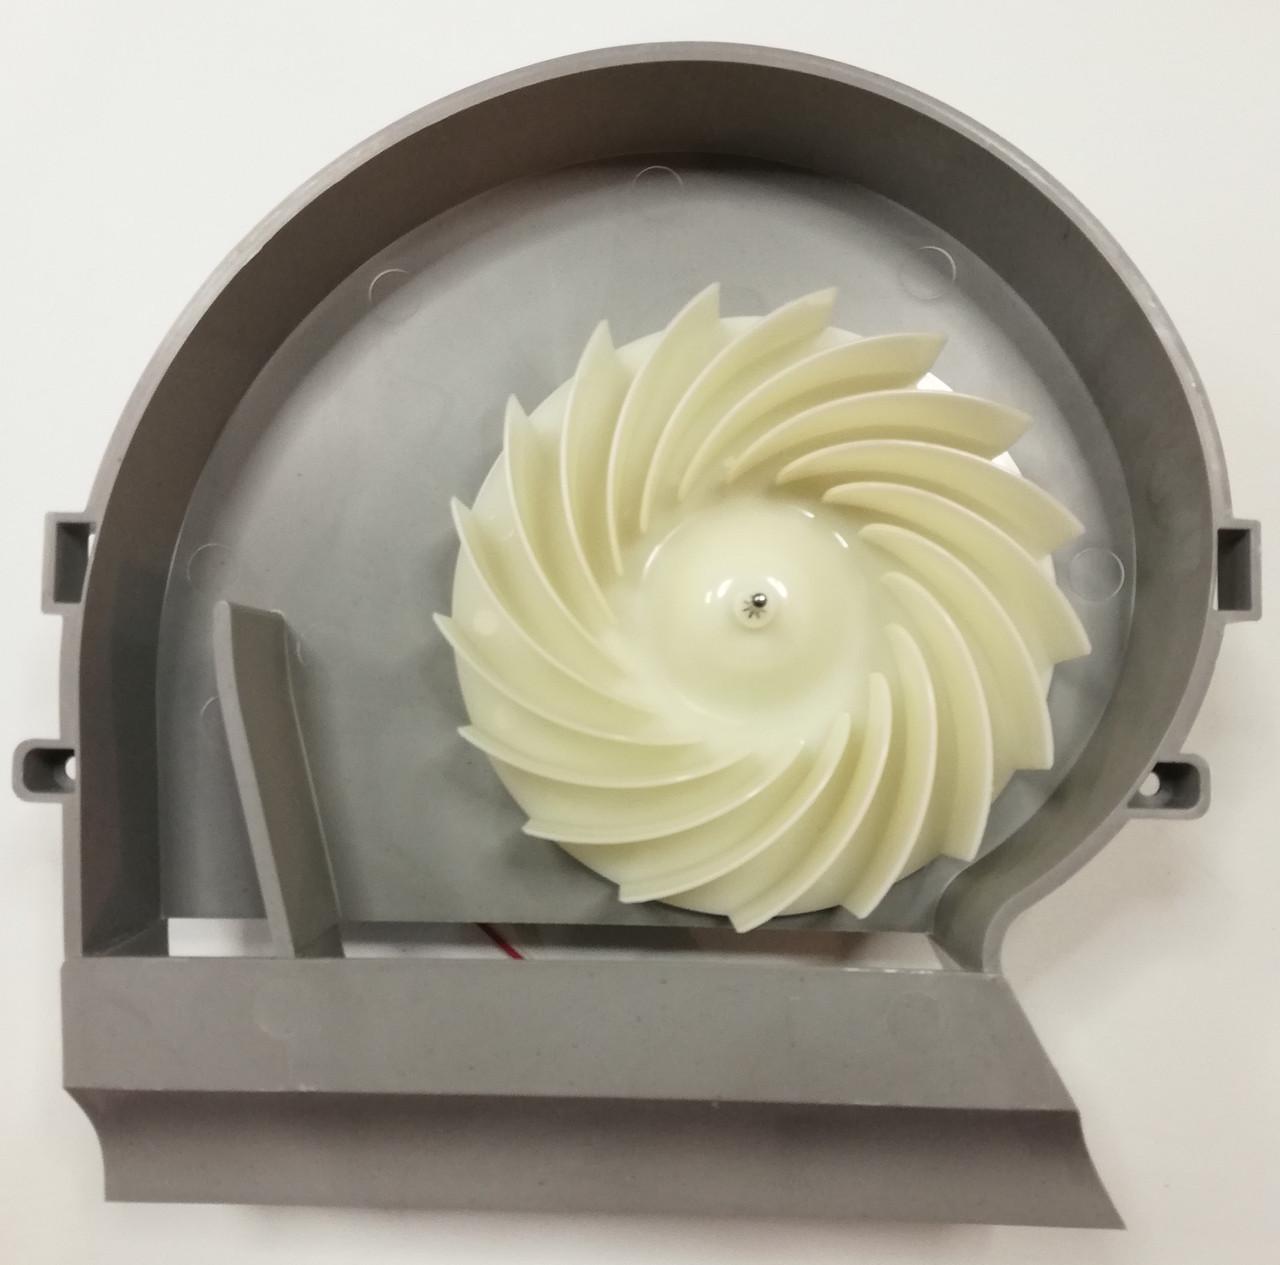 Мотор вентилятора для холодильника Whirlpool 481010843935